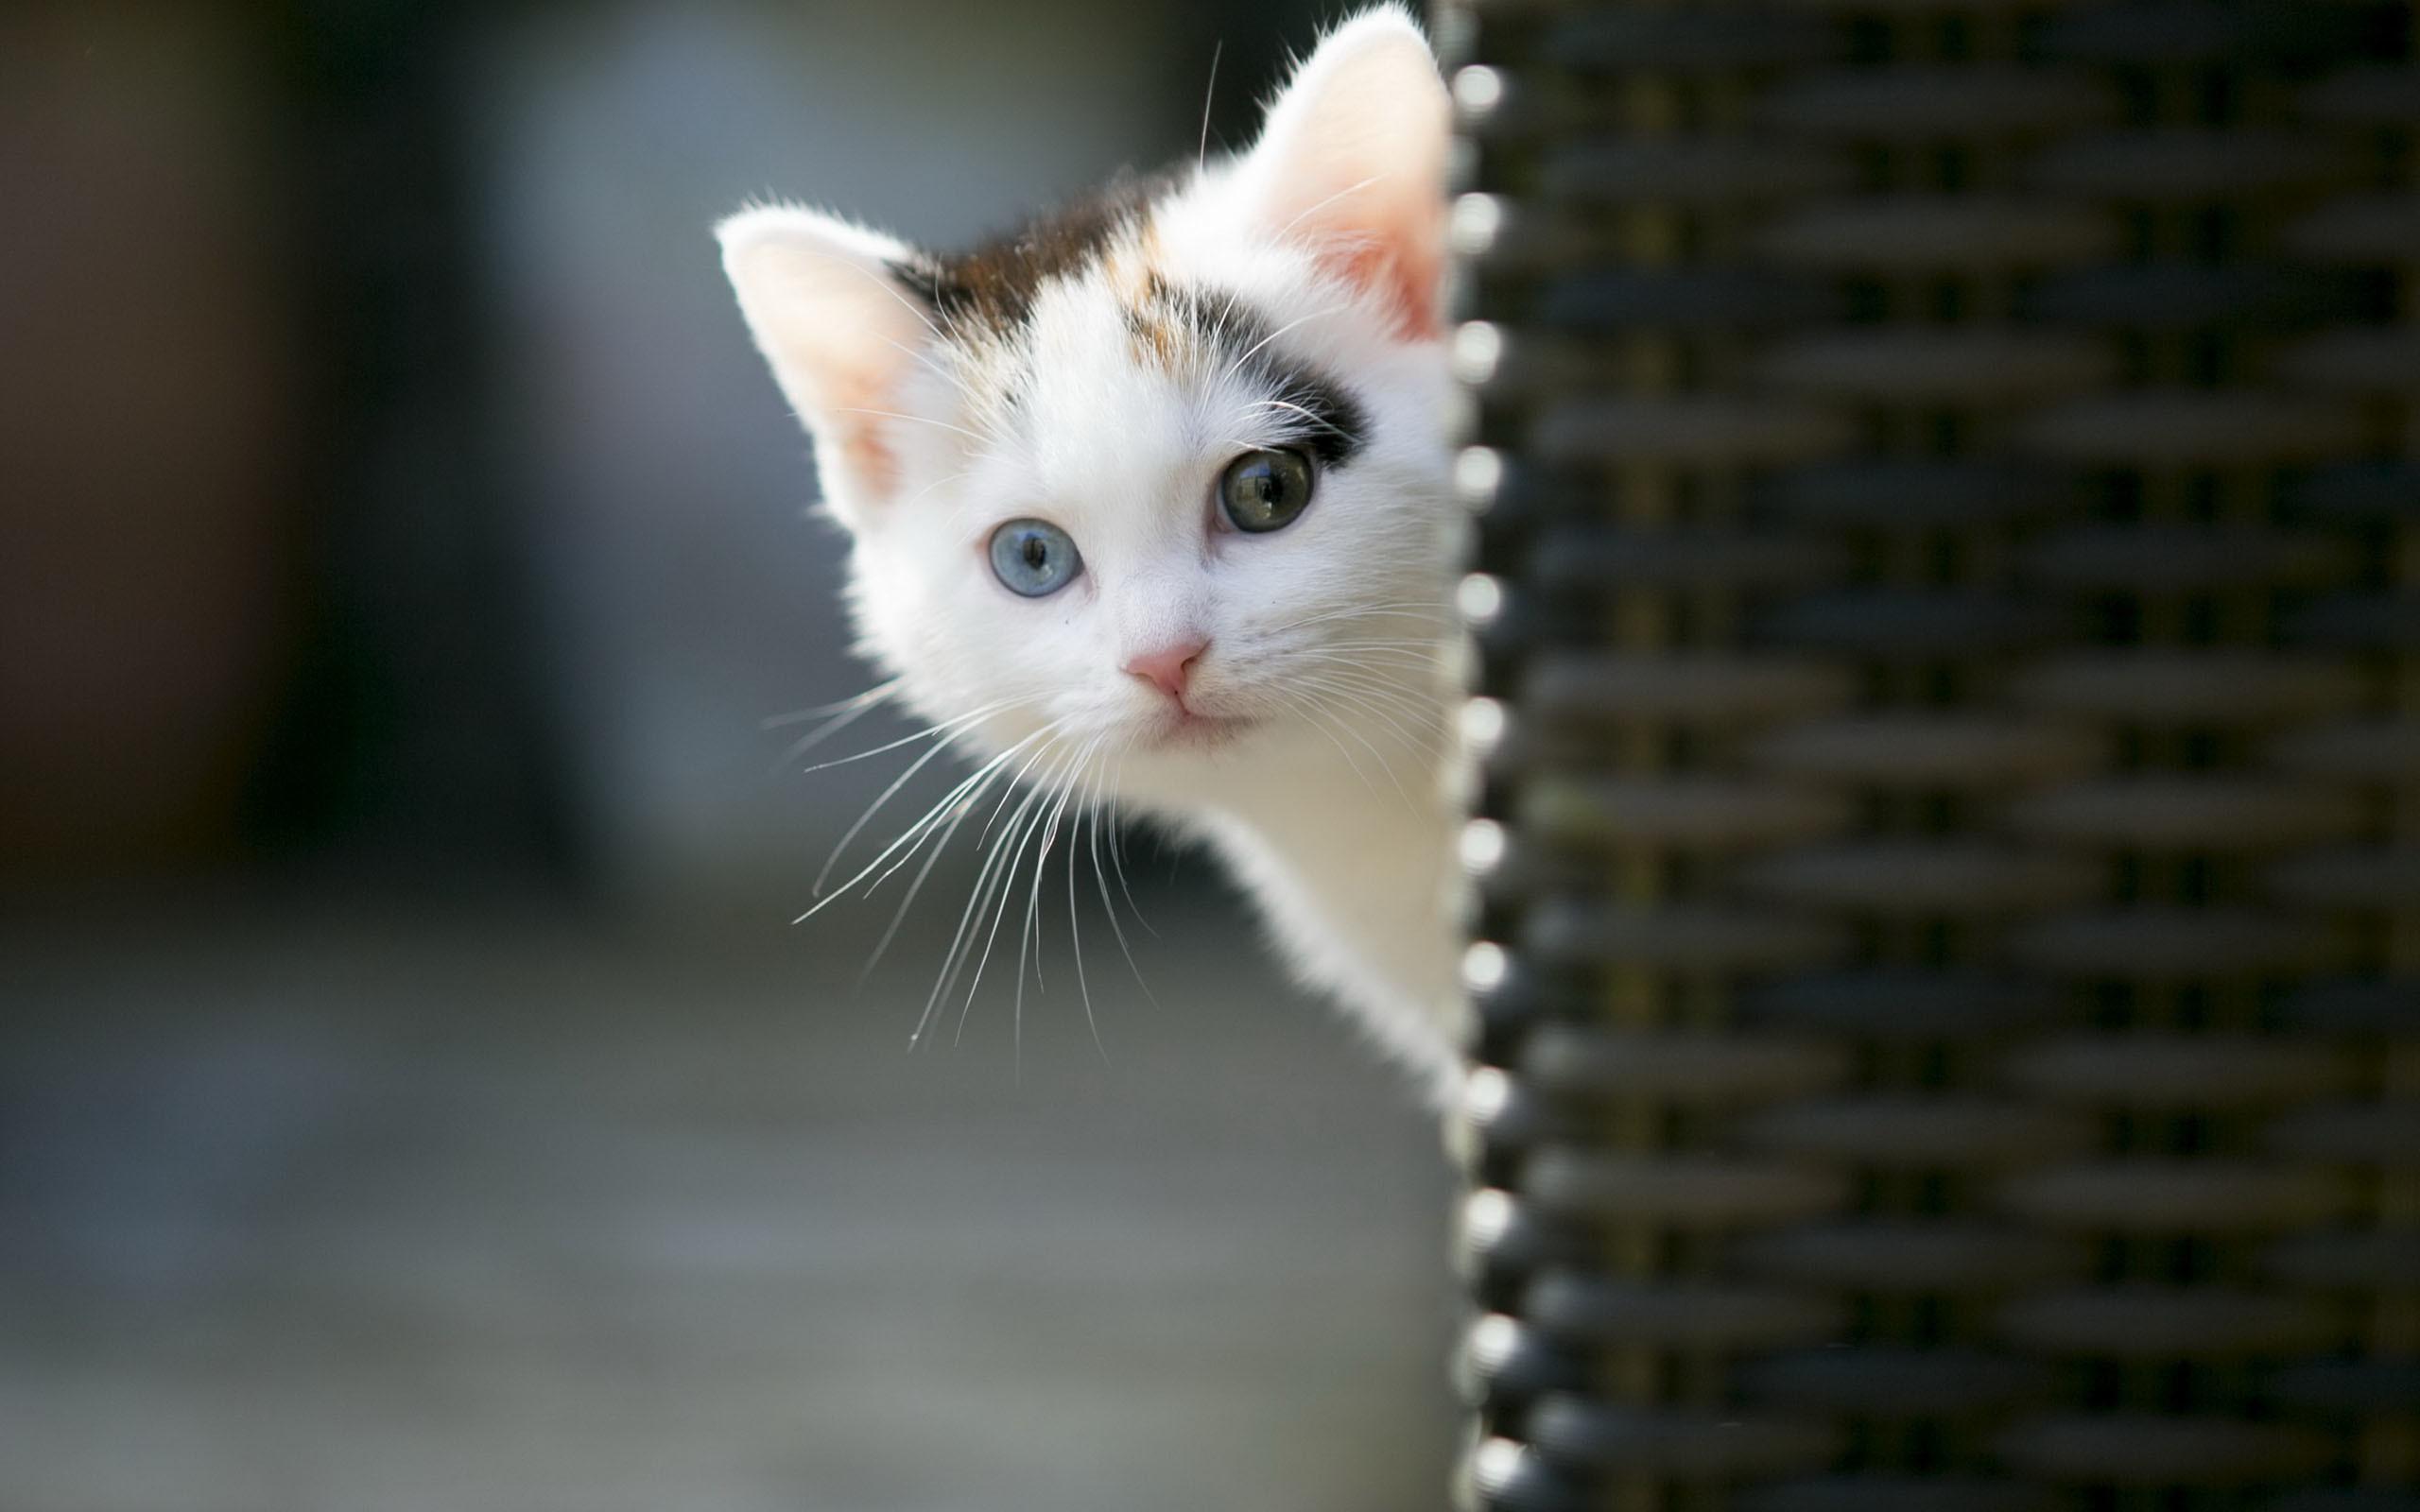 Hình nền mèo tò mò dễ thương